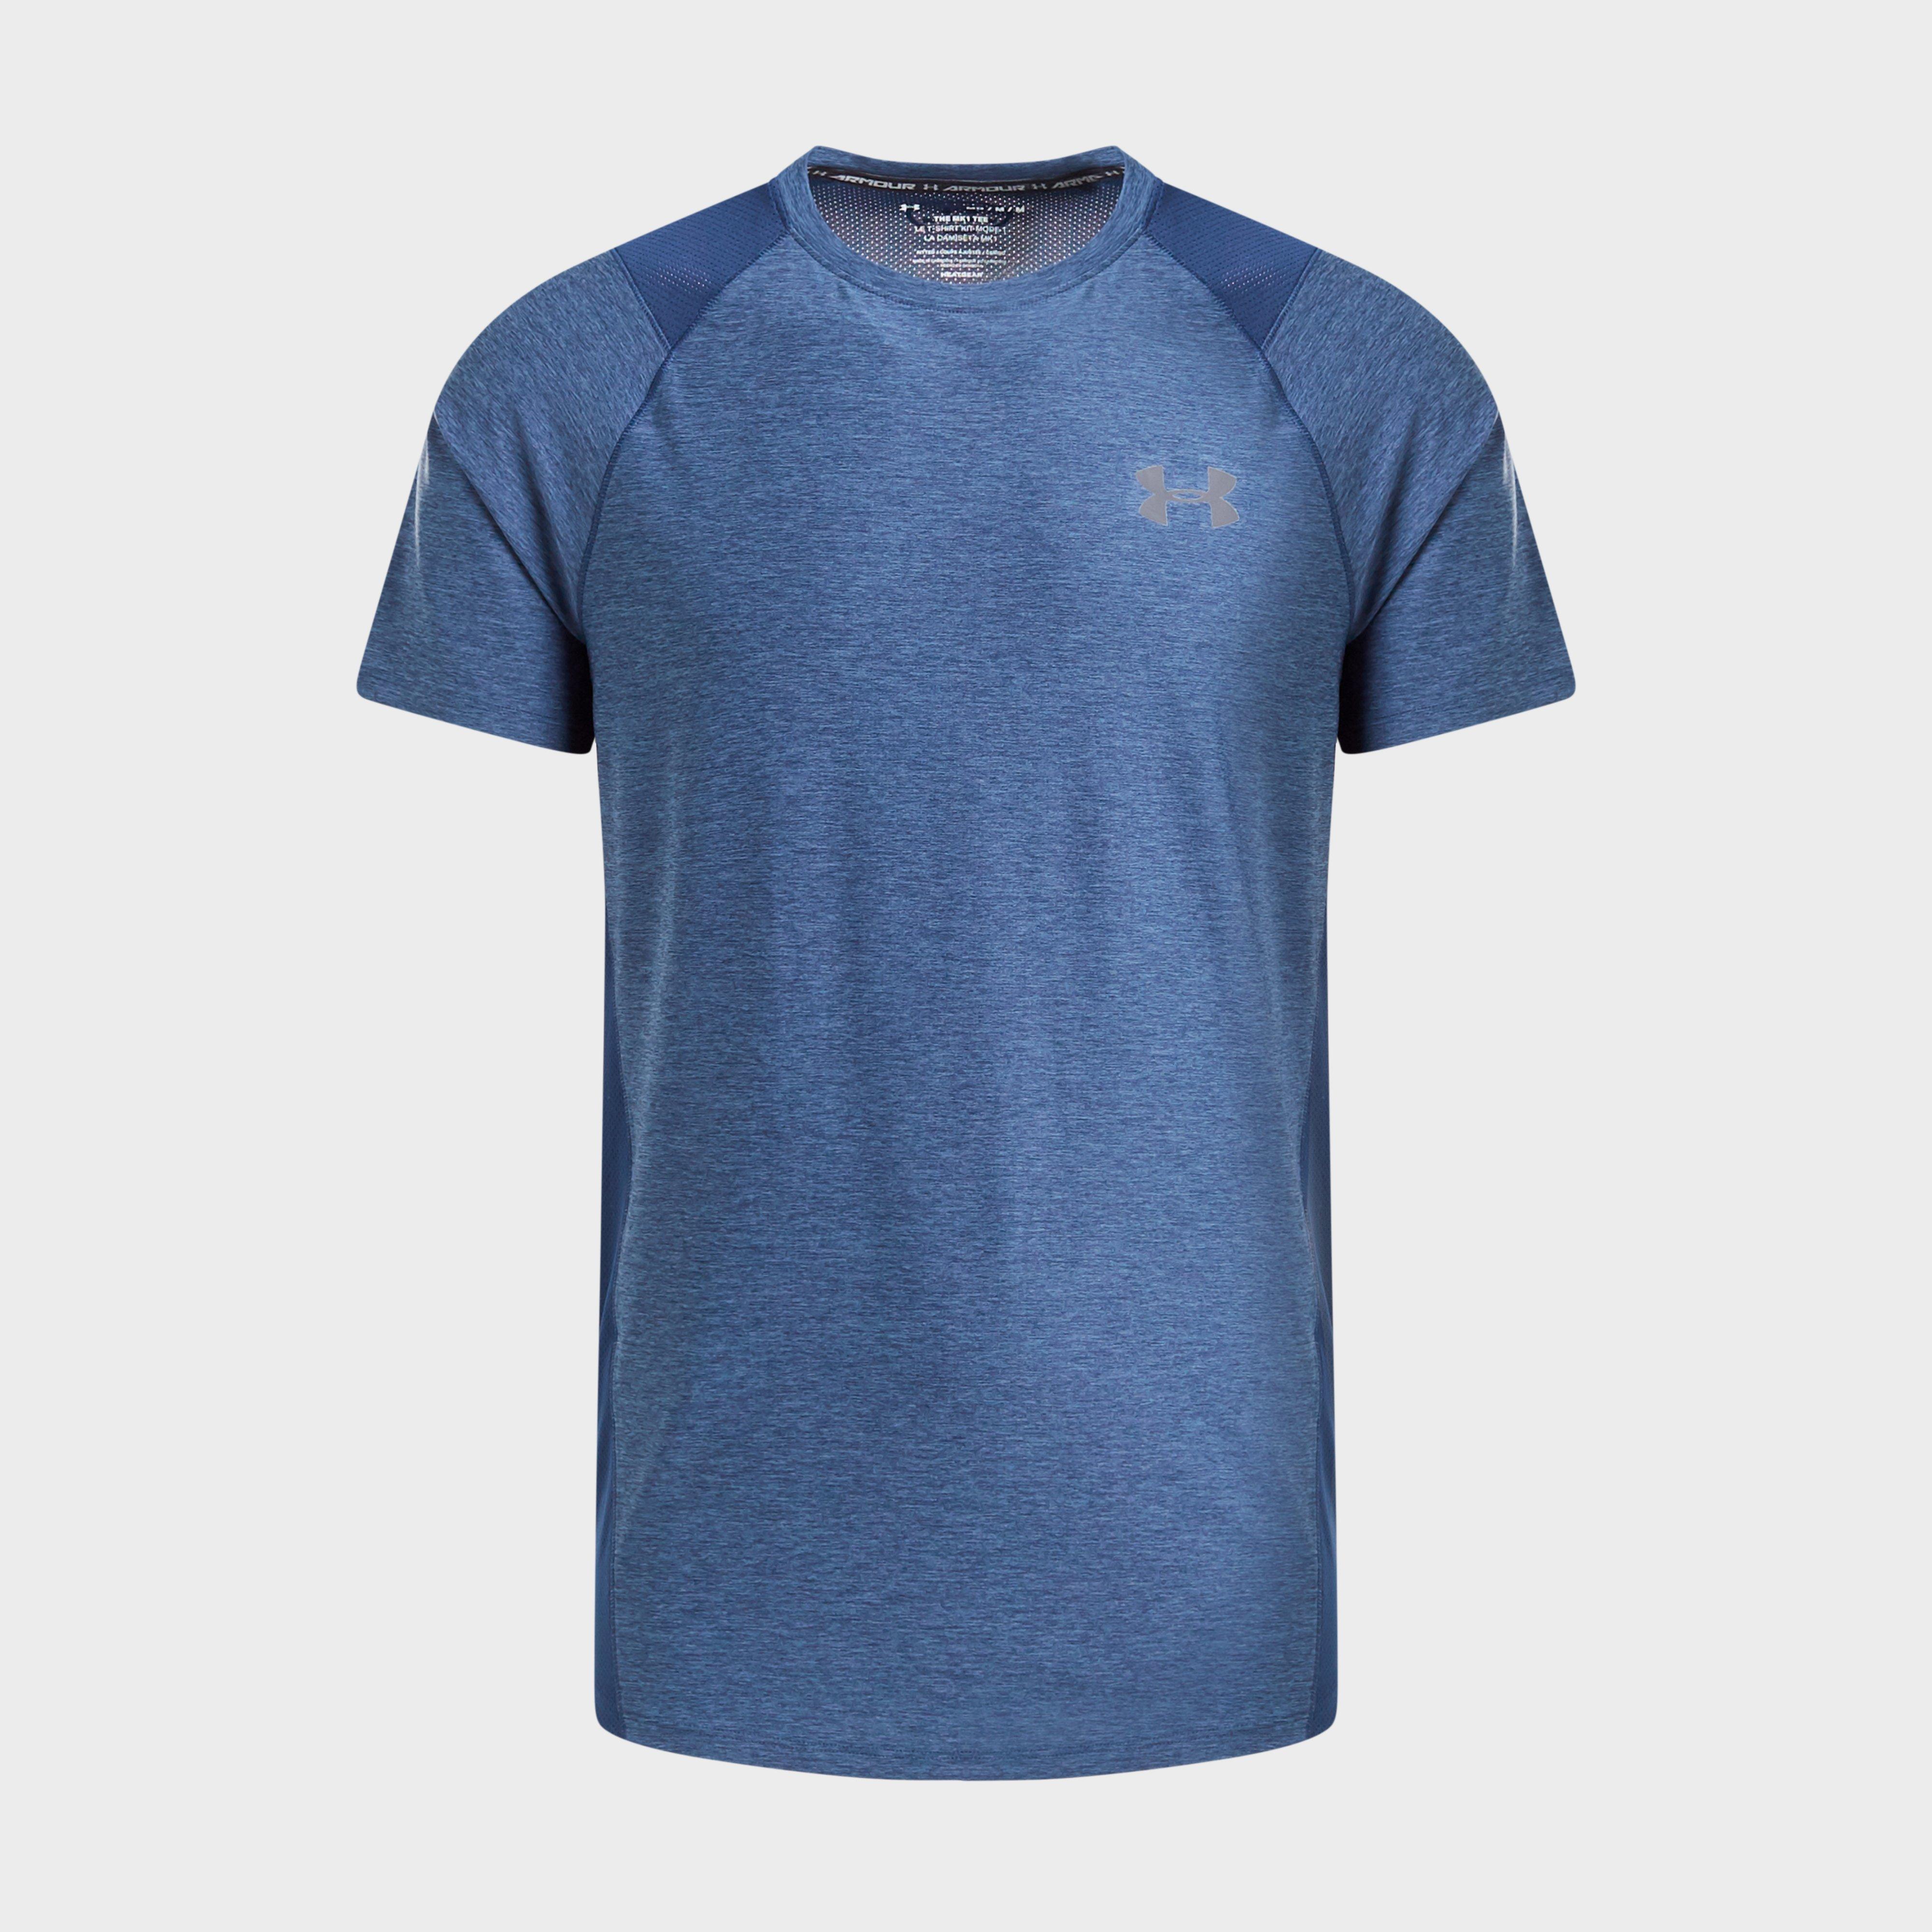 Under Armour Under Armour MK-1 Twist T-Shirt, Blue